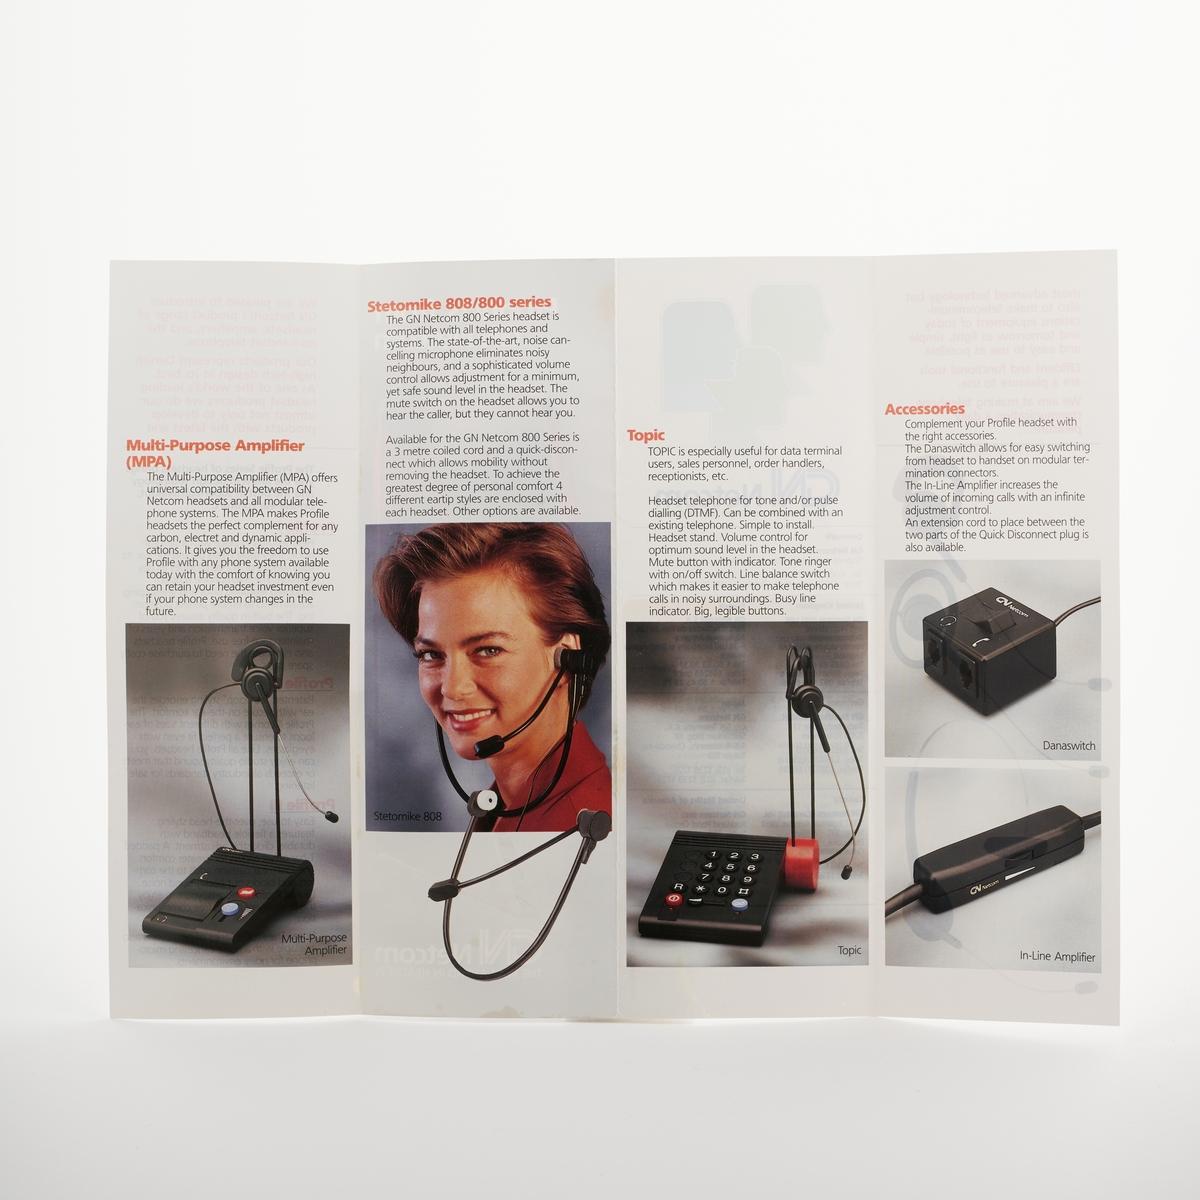 Bilde av et flatt, gjennomsiktig hode i plast i profil, bilde av en kvinne med hodetelefoner og bilder av hvordan man kan bruke hodetelefonene.